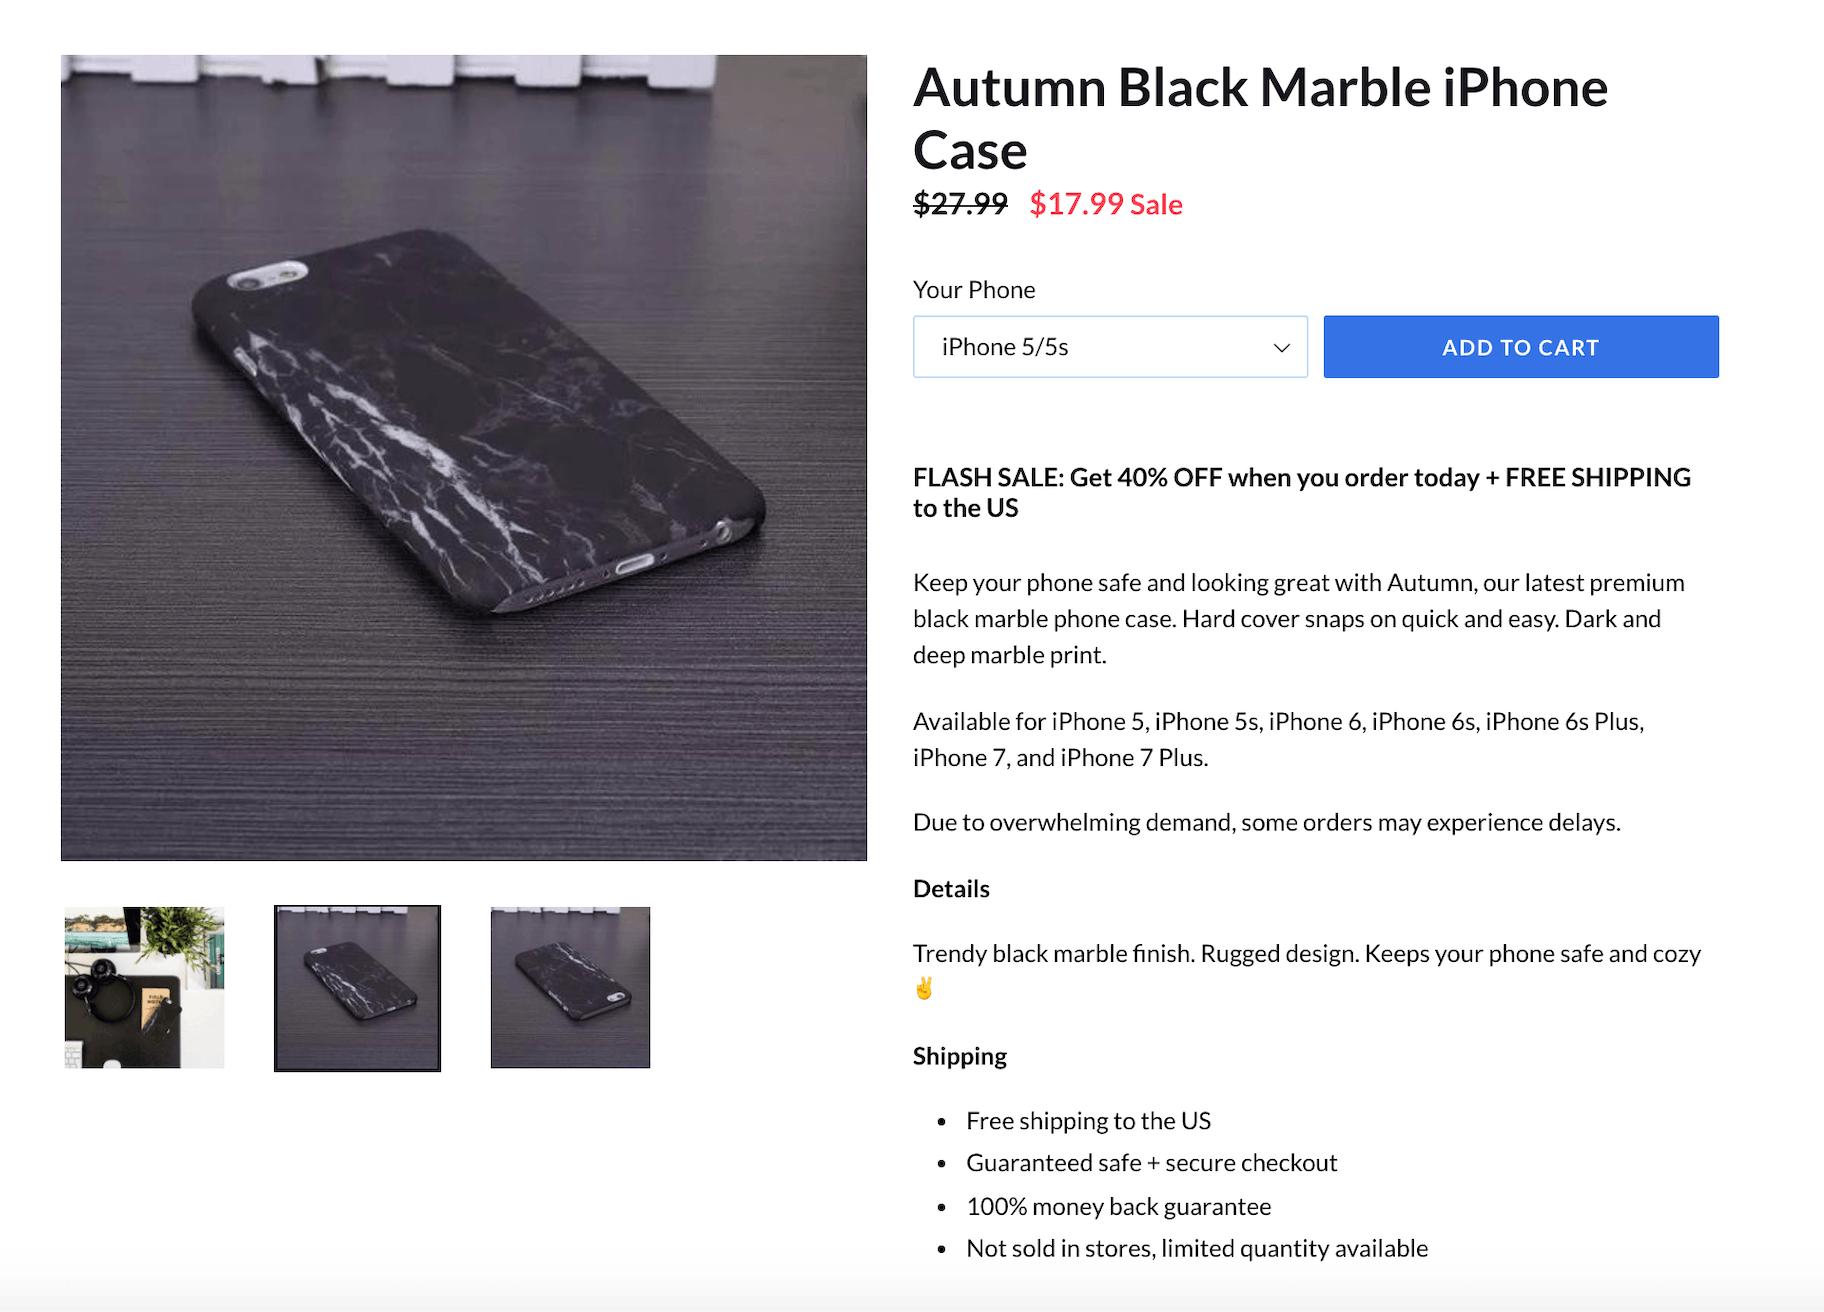 Autumn Product Description